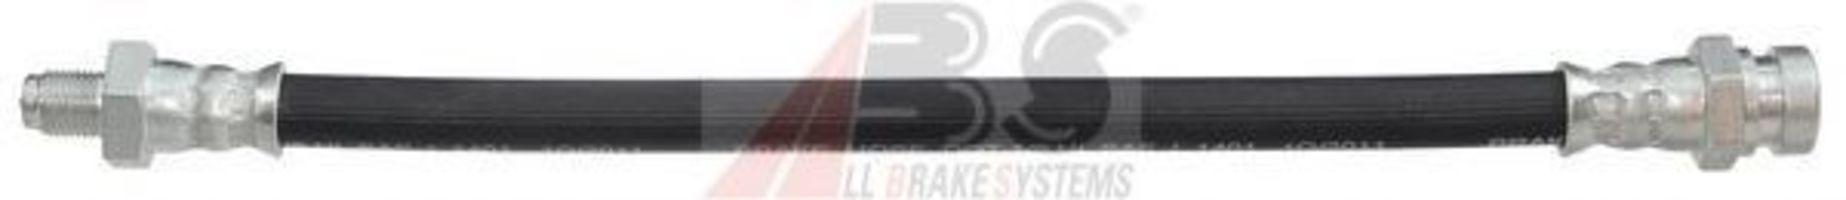 Тормозной шланг A.B.S. SL3986